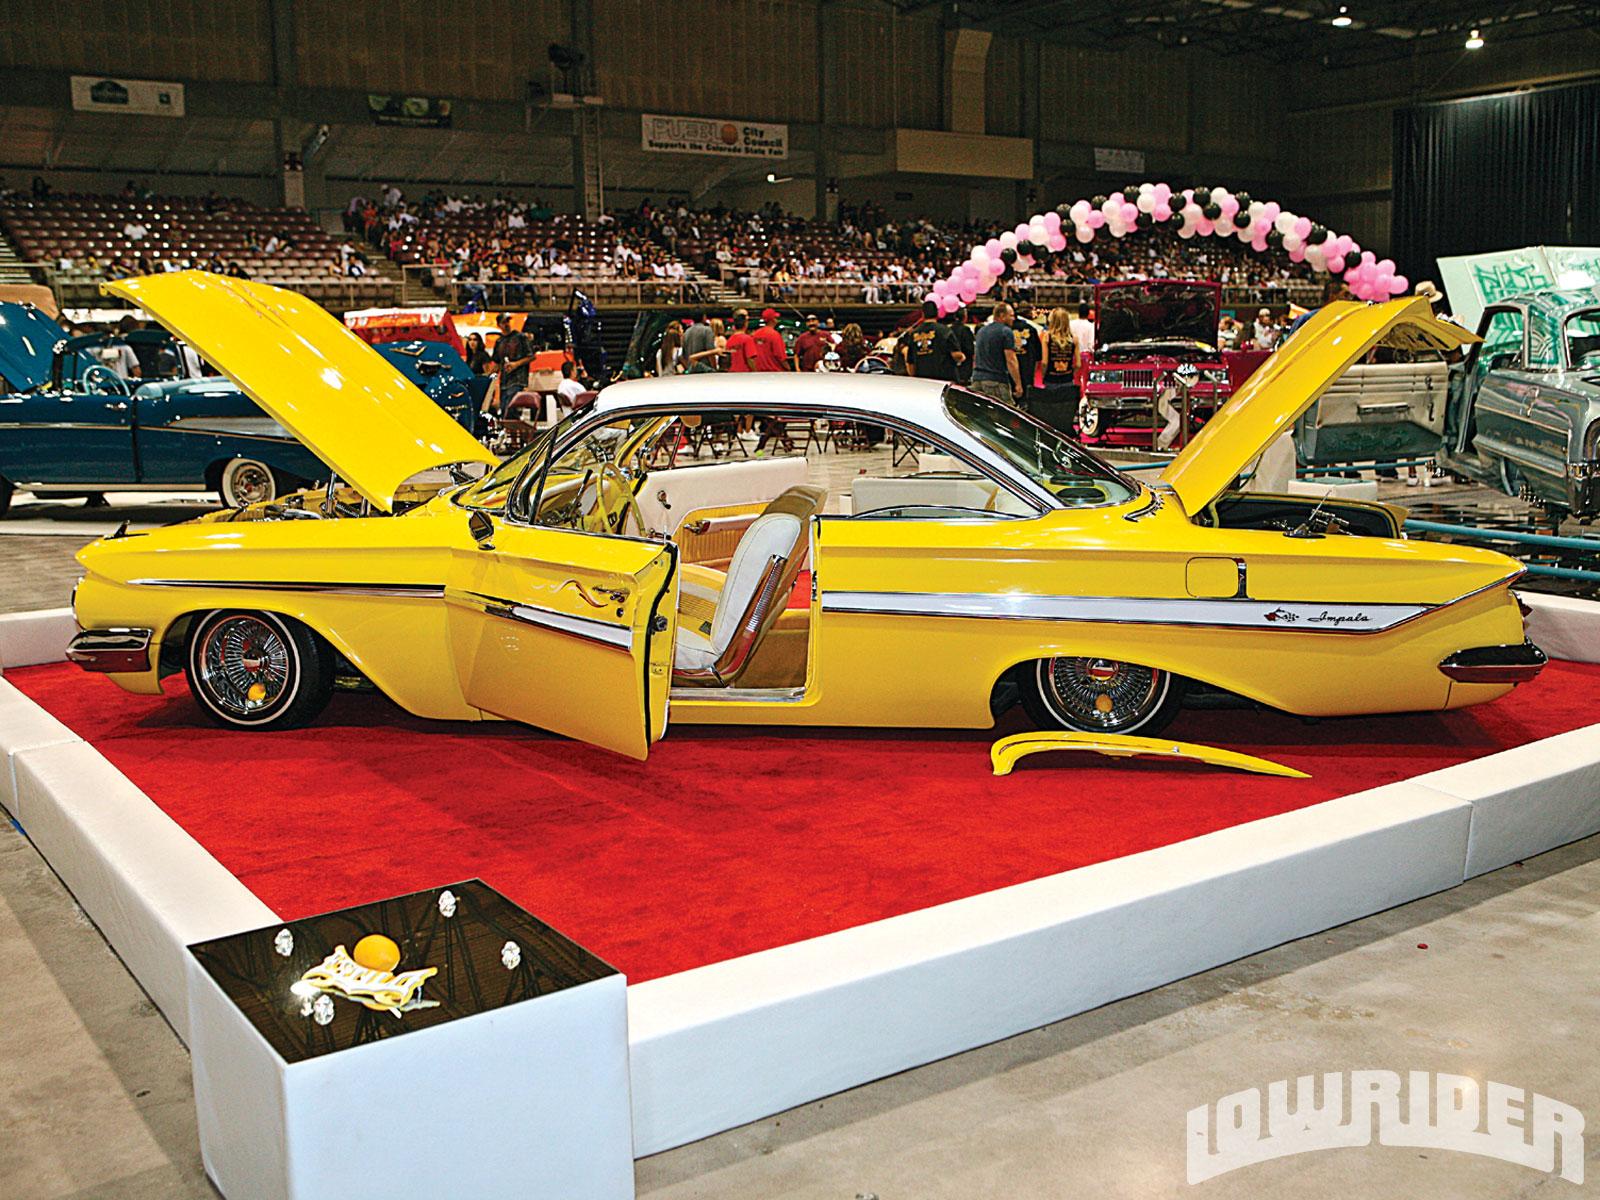 Lrmpopueblocoloradocarshowyellowimpala Lowrider - Pueblo car show